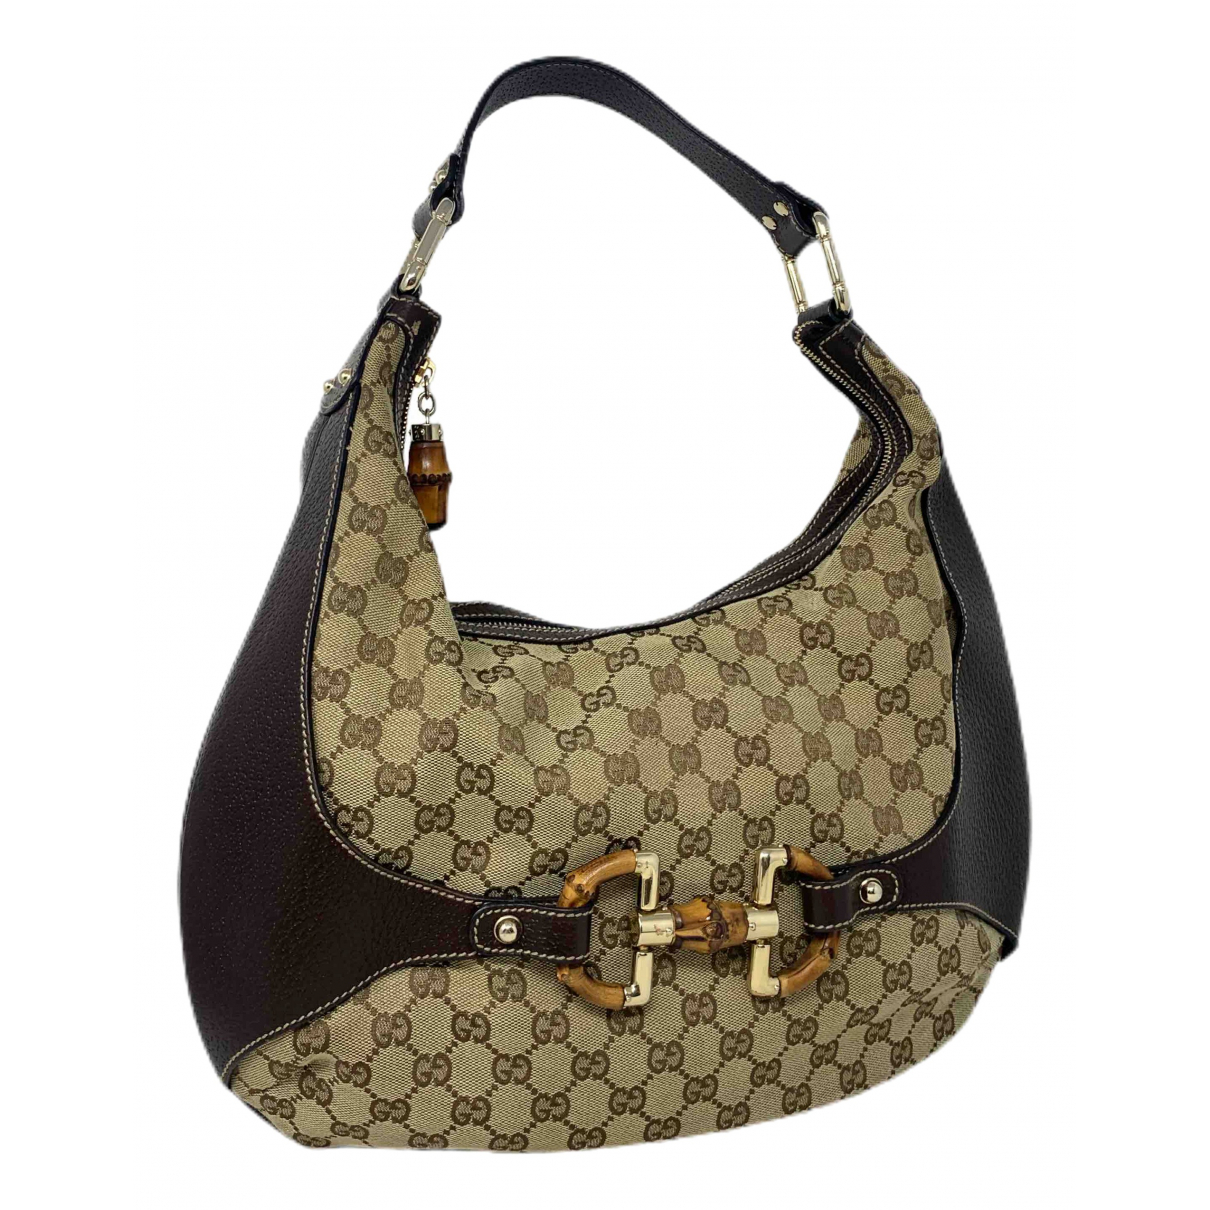 Gucci Bamboo Handtasche in  Beige Leinen